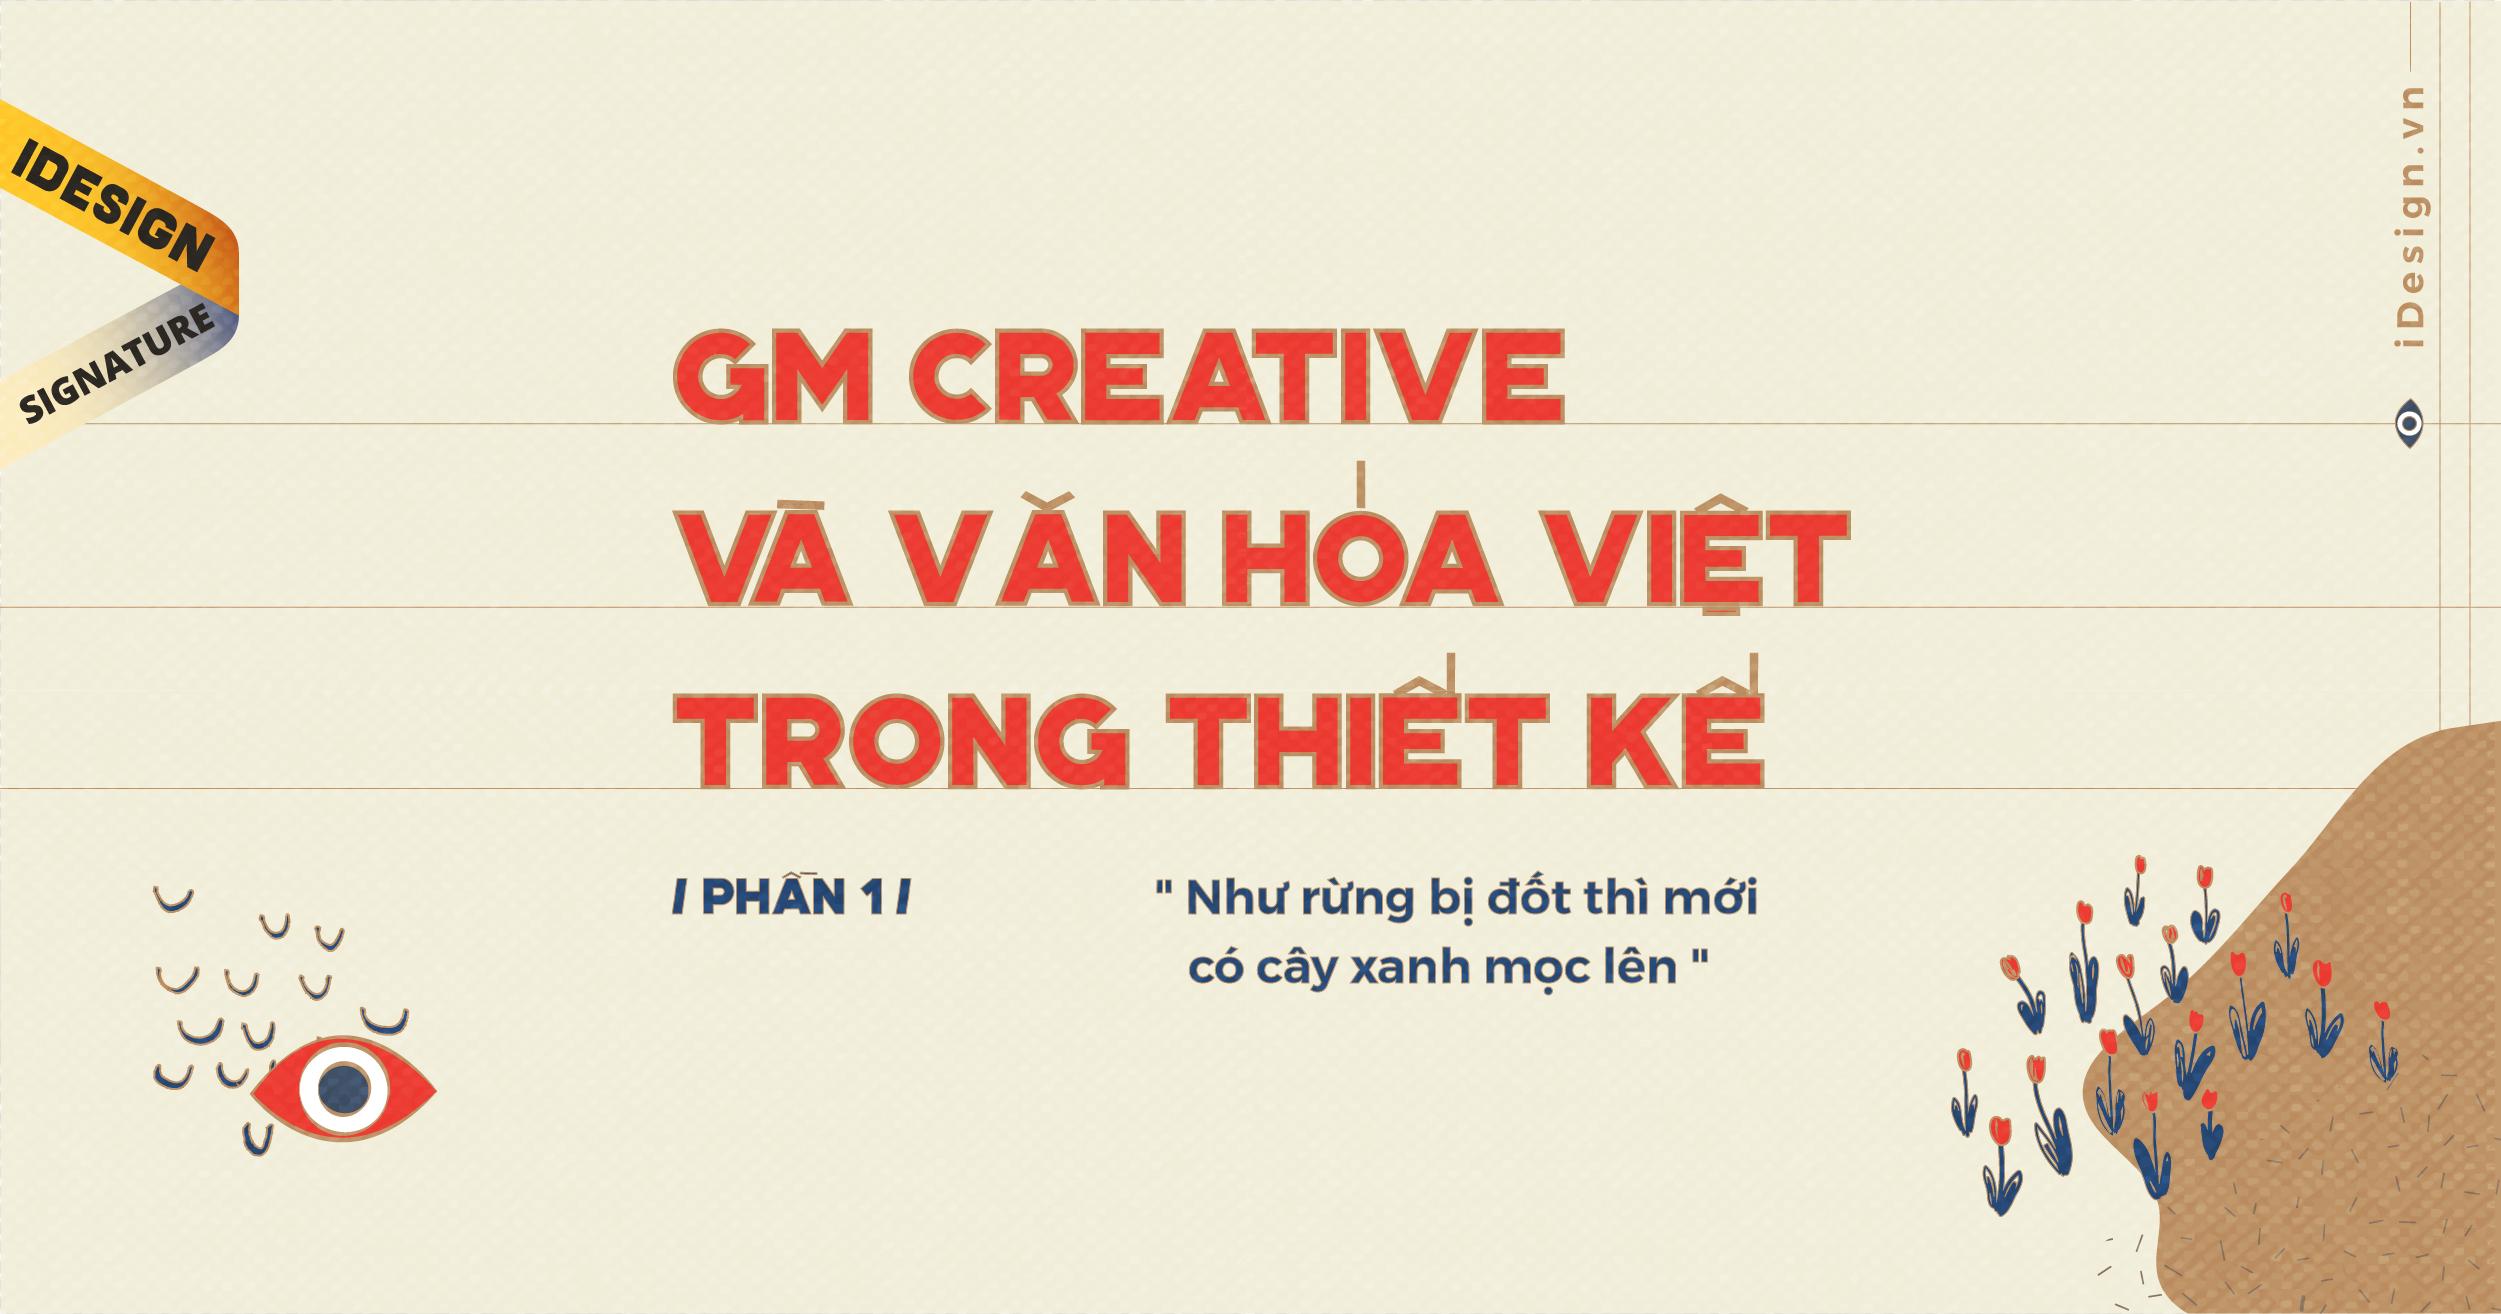 """gm creative và văn hóa Việt trong thiết kế: """"Như rừng bị đốt thì mới có cây xanh mọc lên"""" (Phần 1)"""